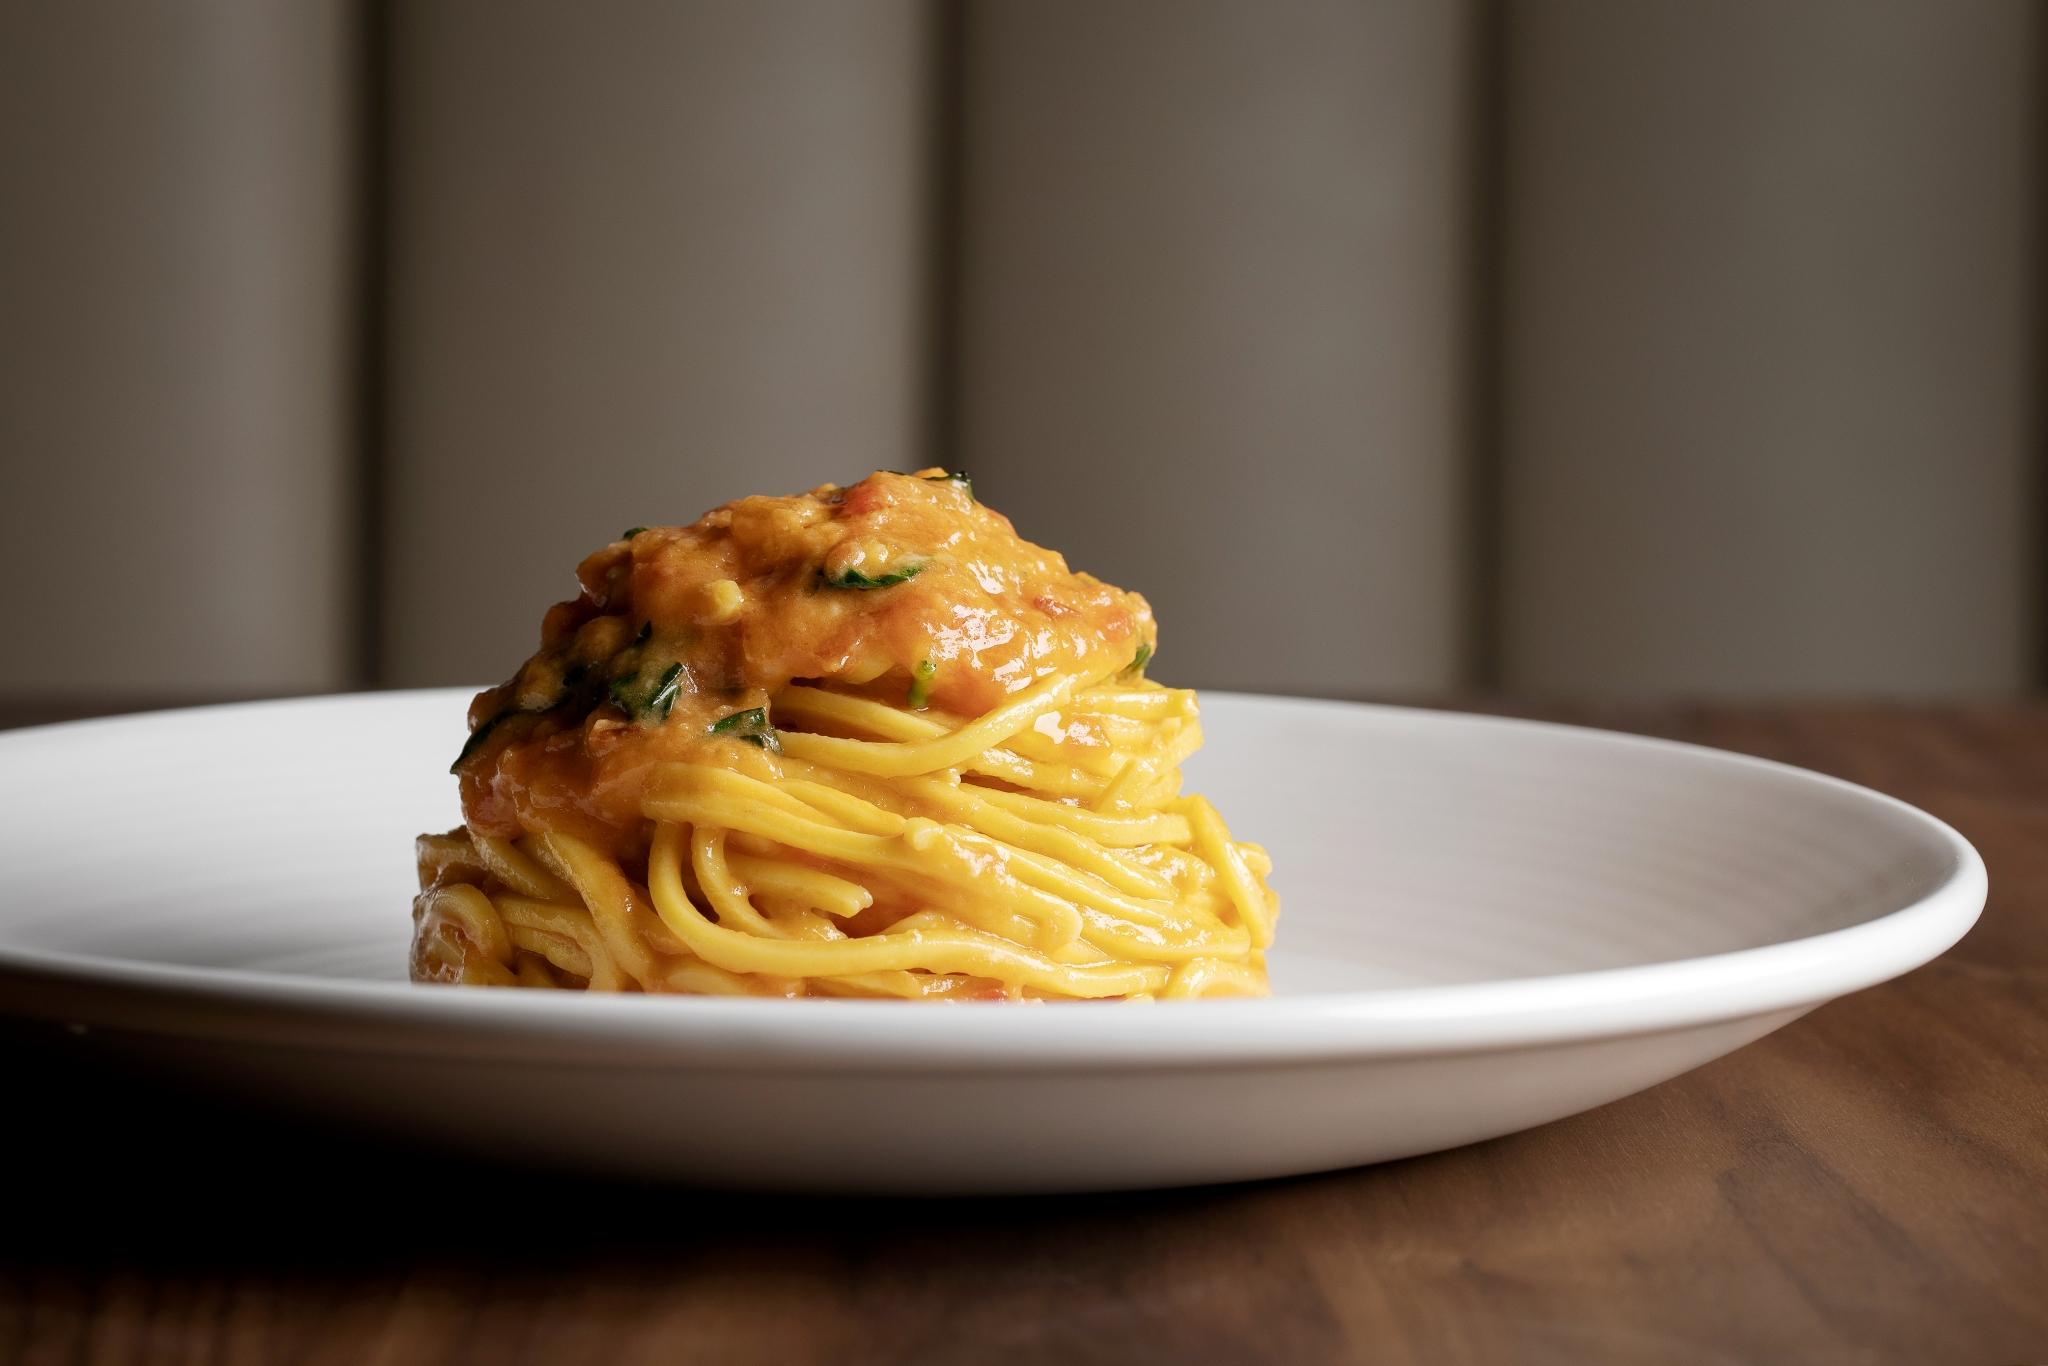 Sette tomato and basil spaghetti